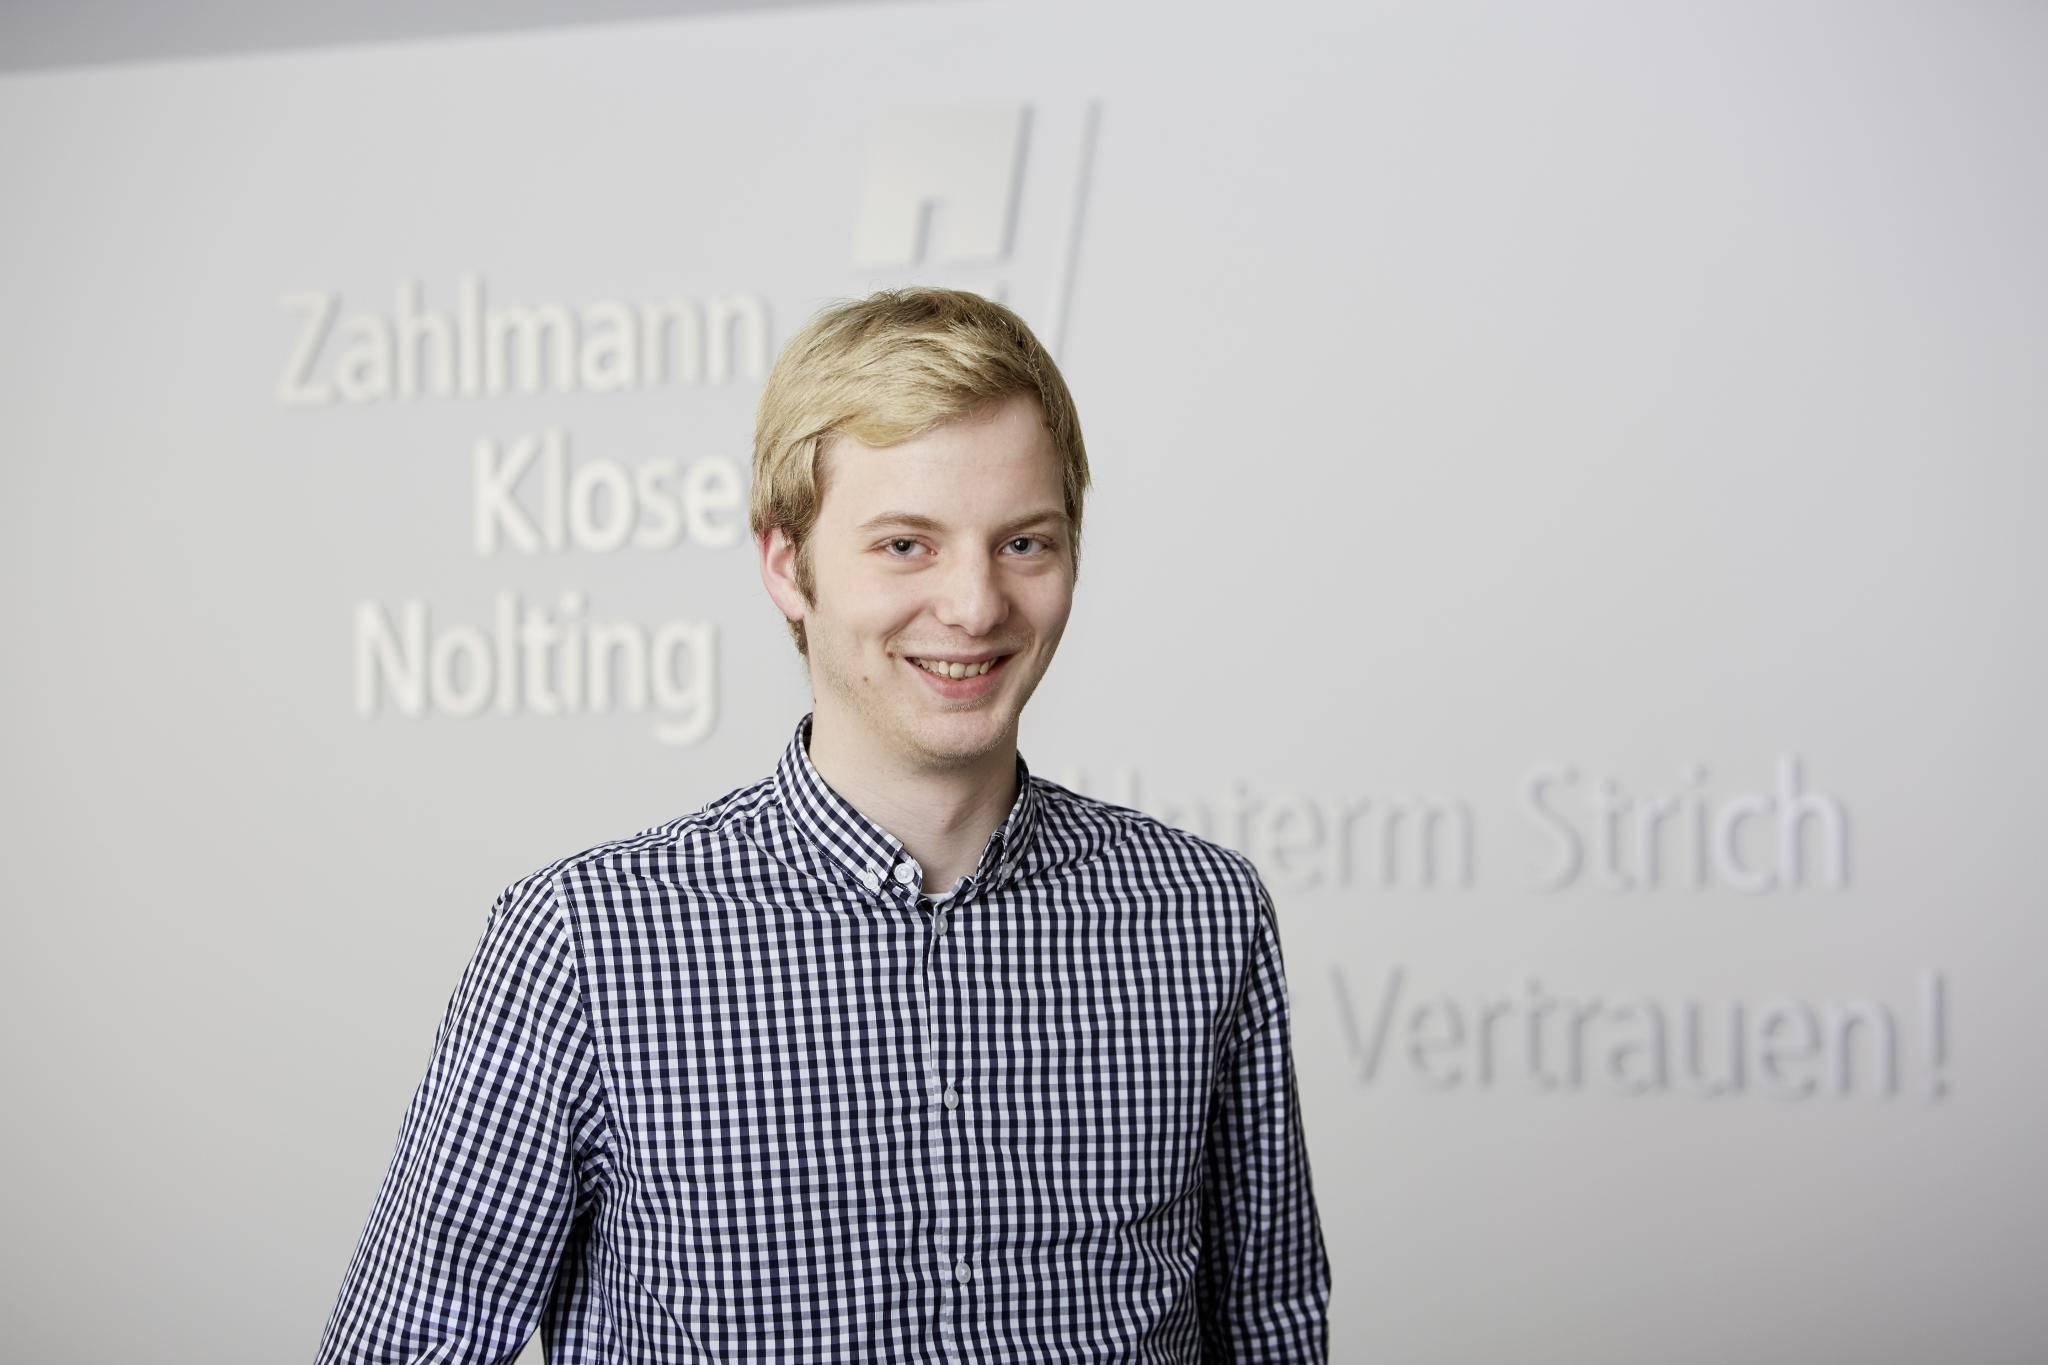 Lars Malte Finkemeyer